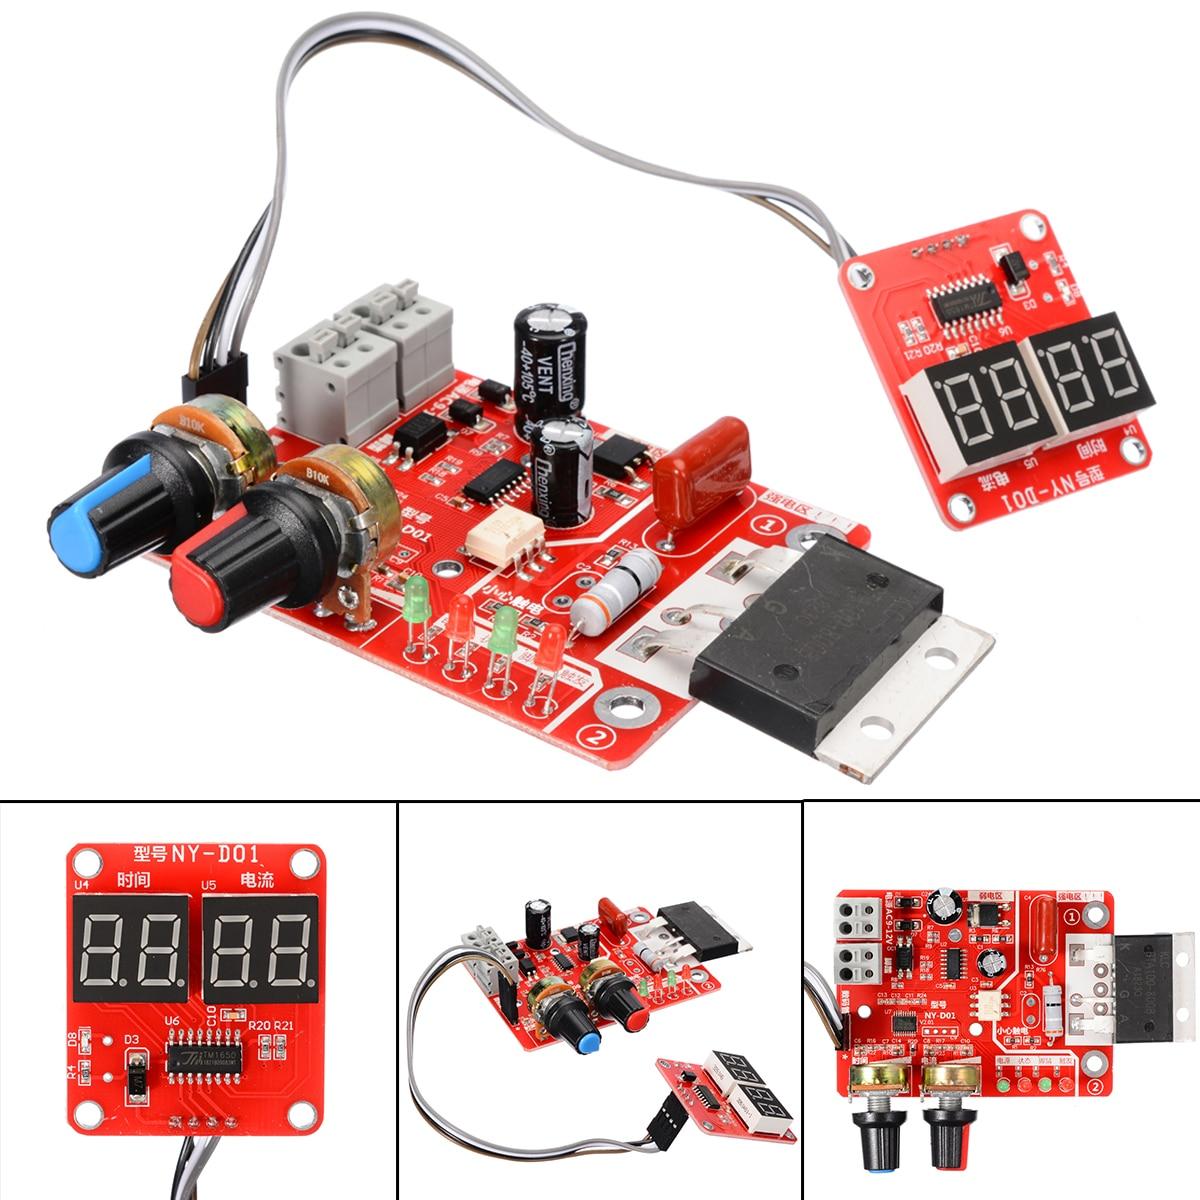 New 100A Spot Welding Machine Control Board Welder Transformer Controller Board Current Controller Control Board Module